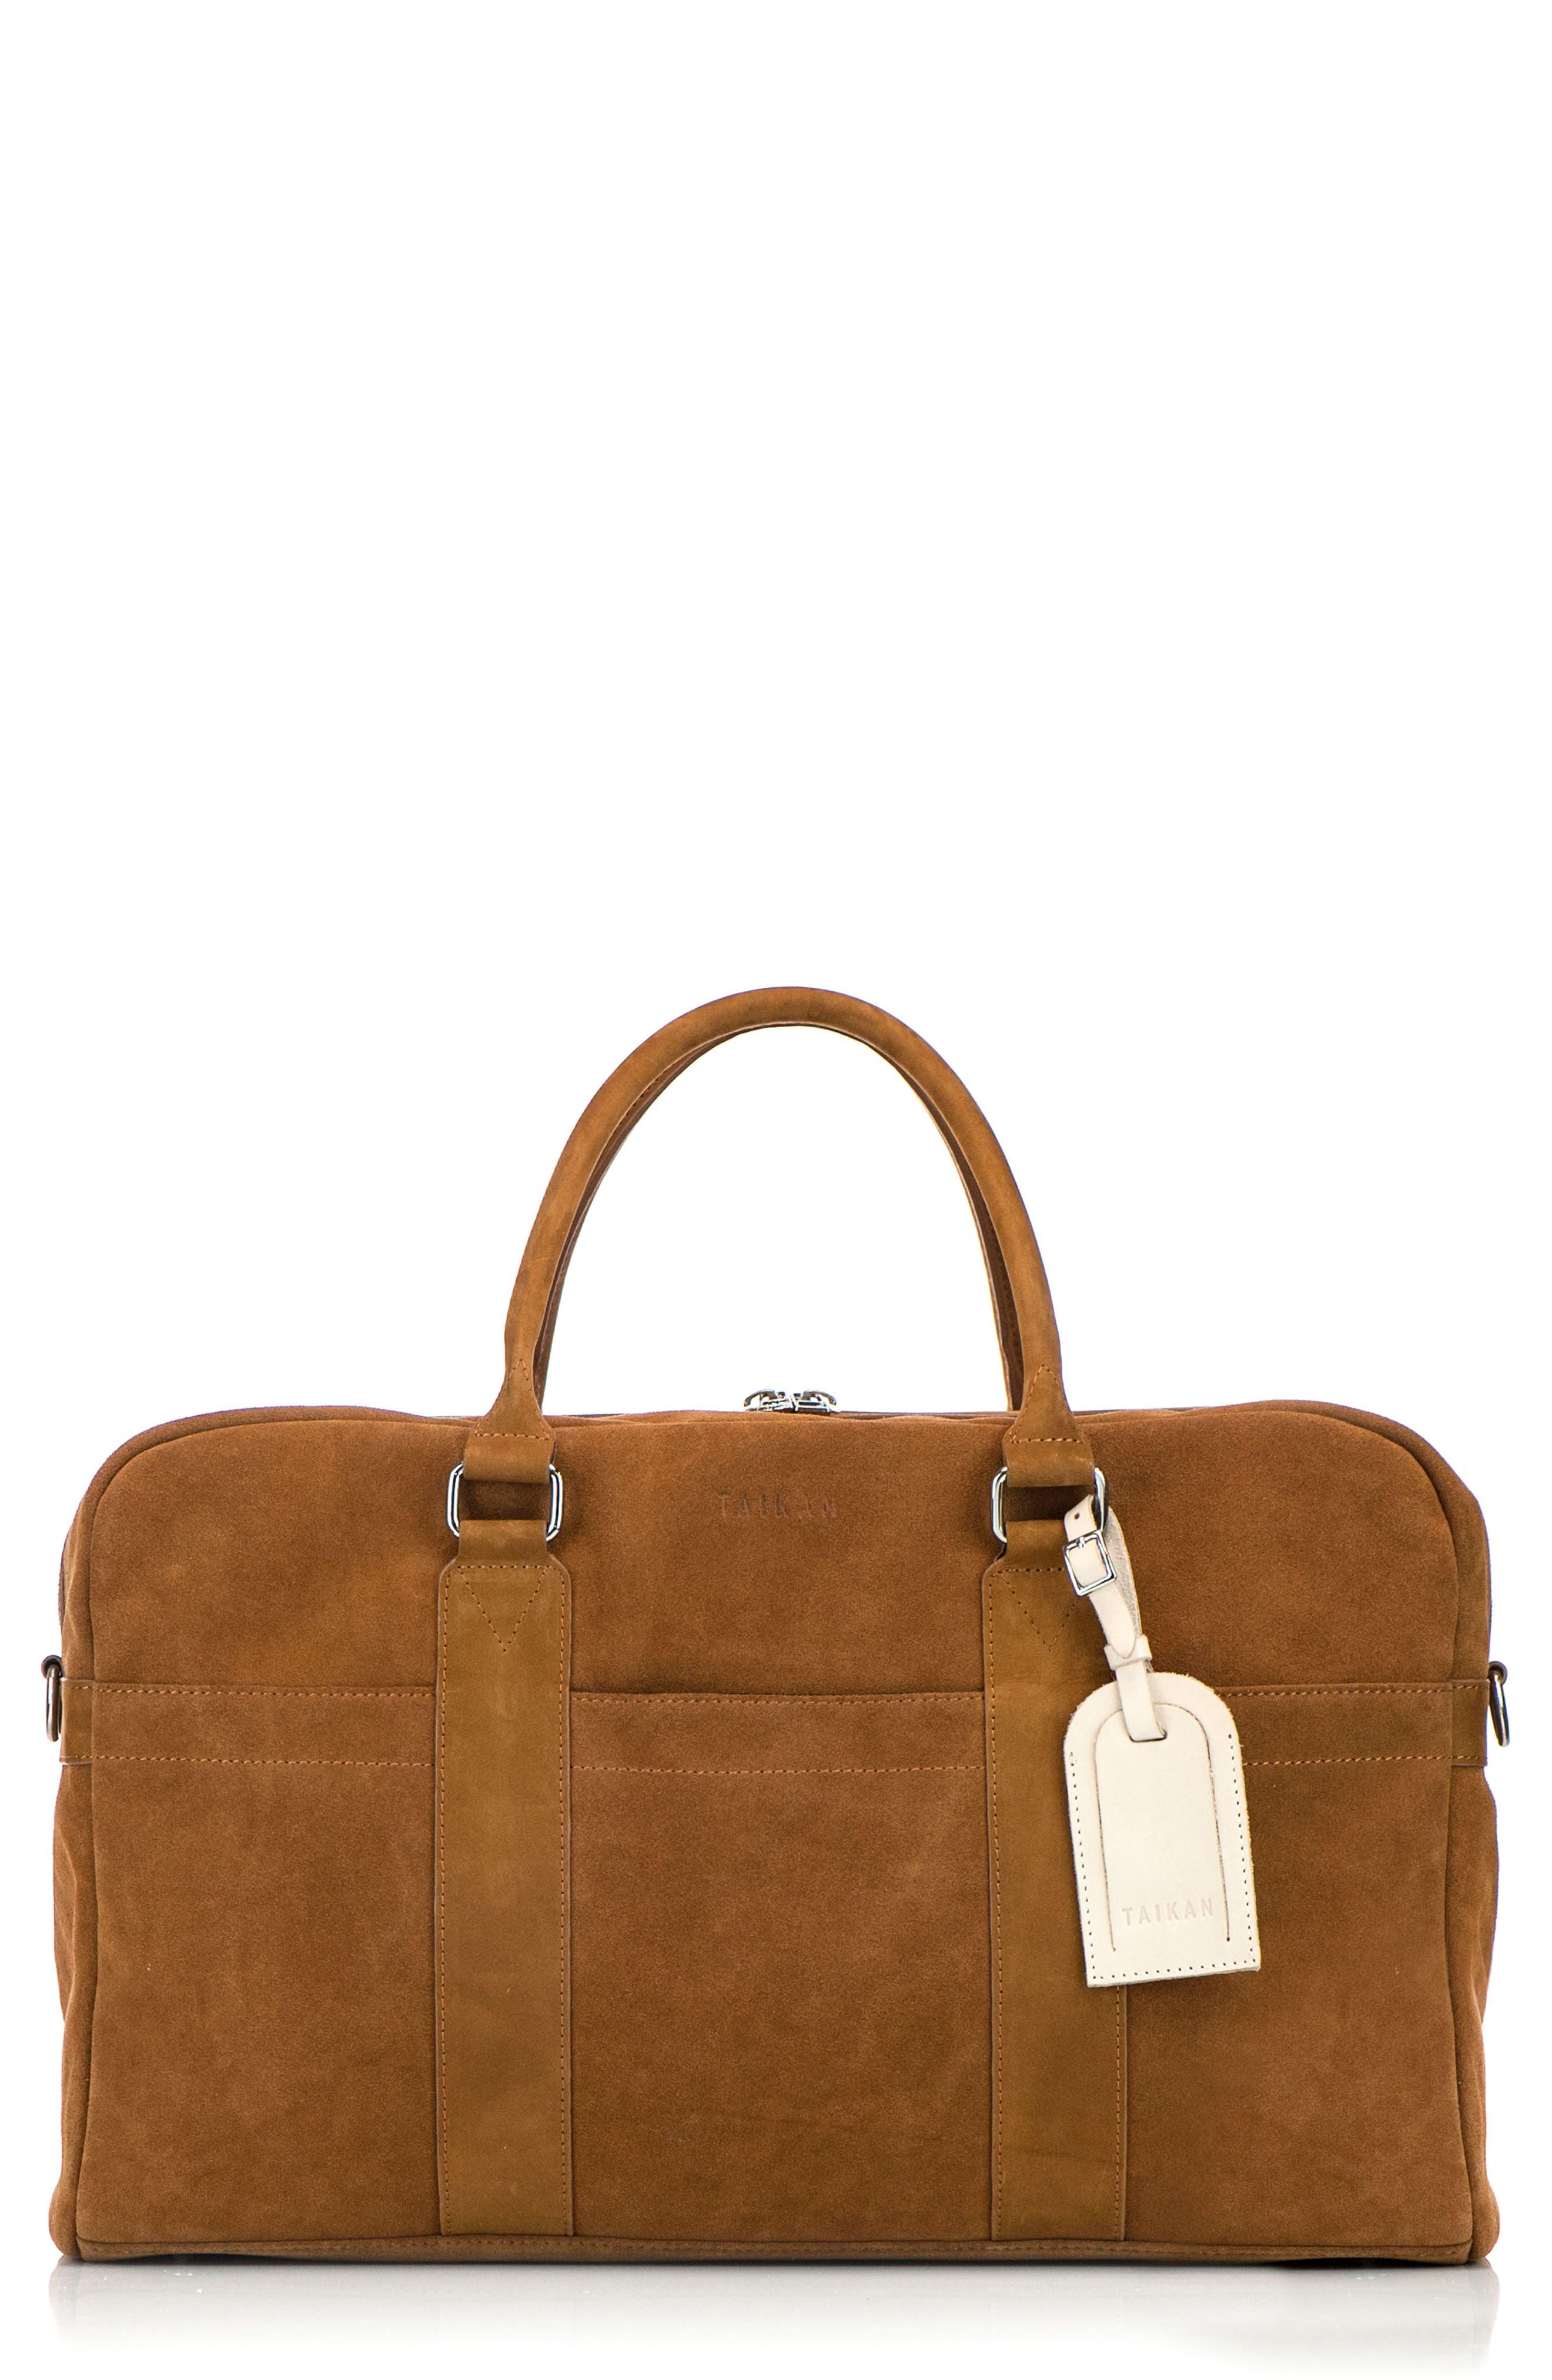 Alternate Image 1 Selected - Taikan Prowler Duffel Bag